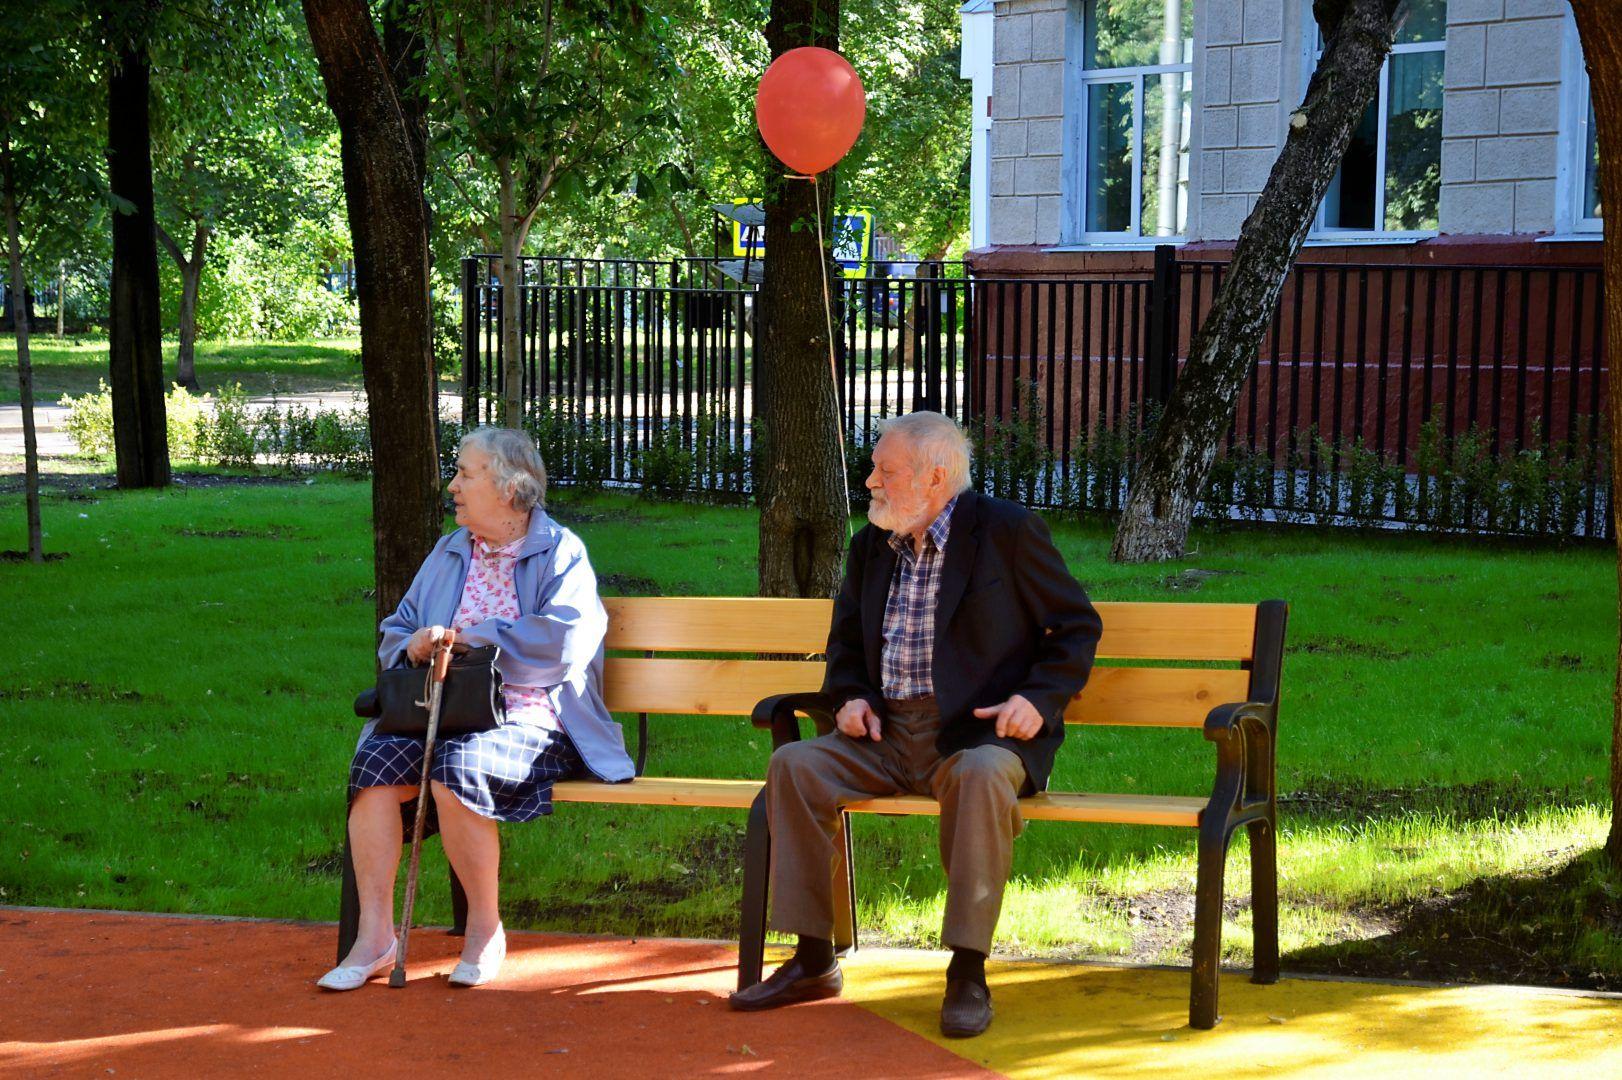 Обустройство зон отдыха проведут в парке Кленовского. Фото: Анна Быкова